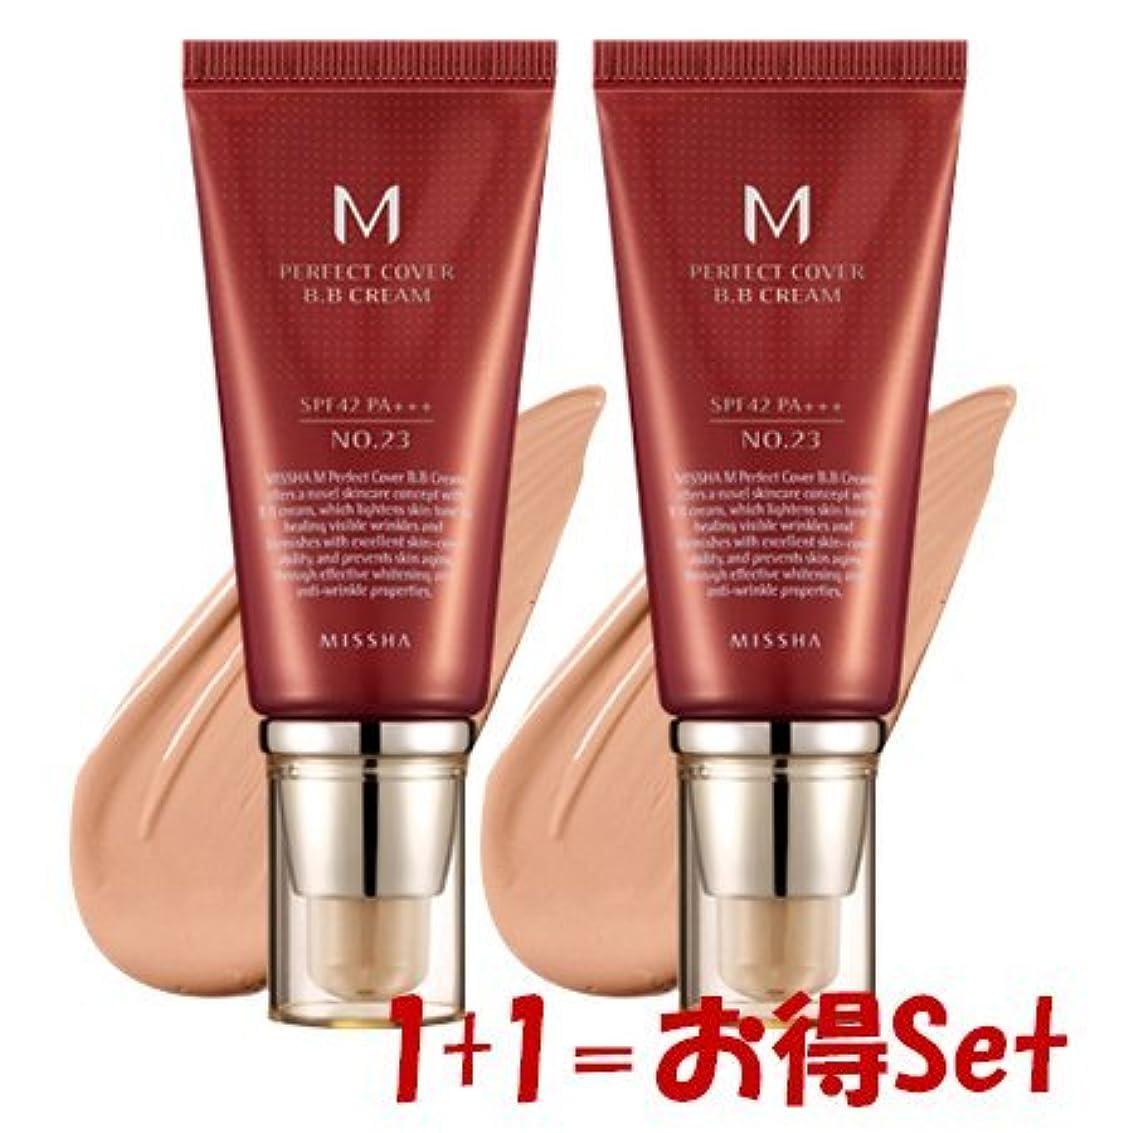 いくつかの横に悲惨なMISSHA(ミシャ) M Perfect Cover パーフェクトカバーBBクリーム 23号+23号(1+1=お得Set)